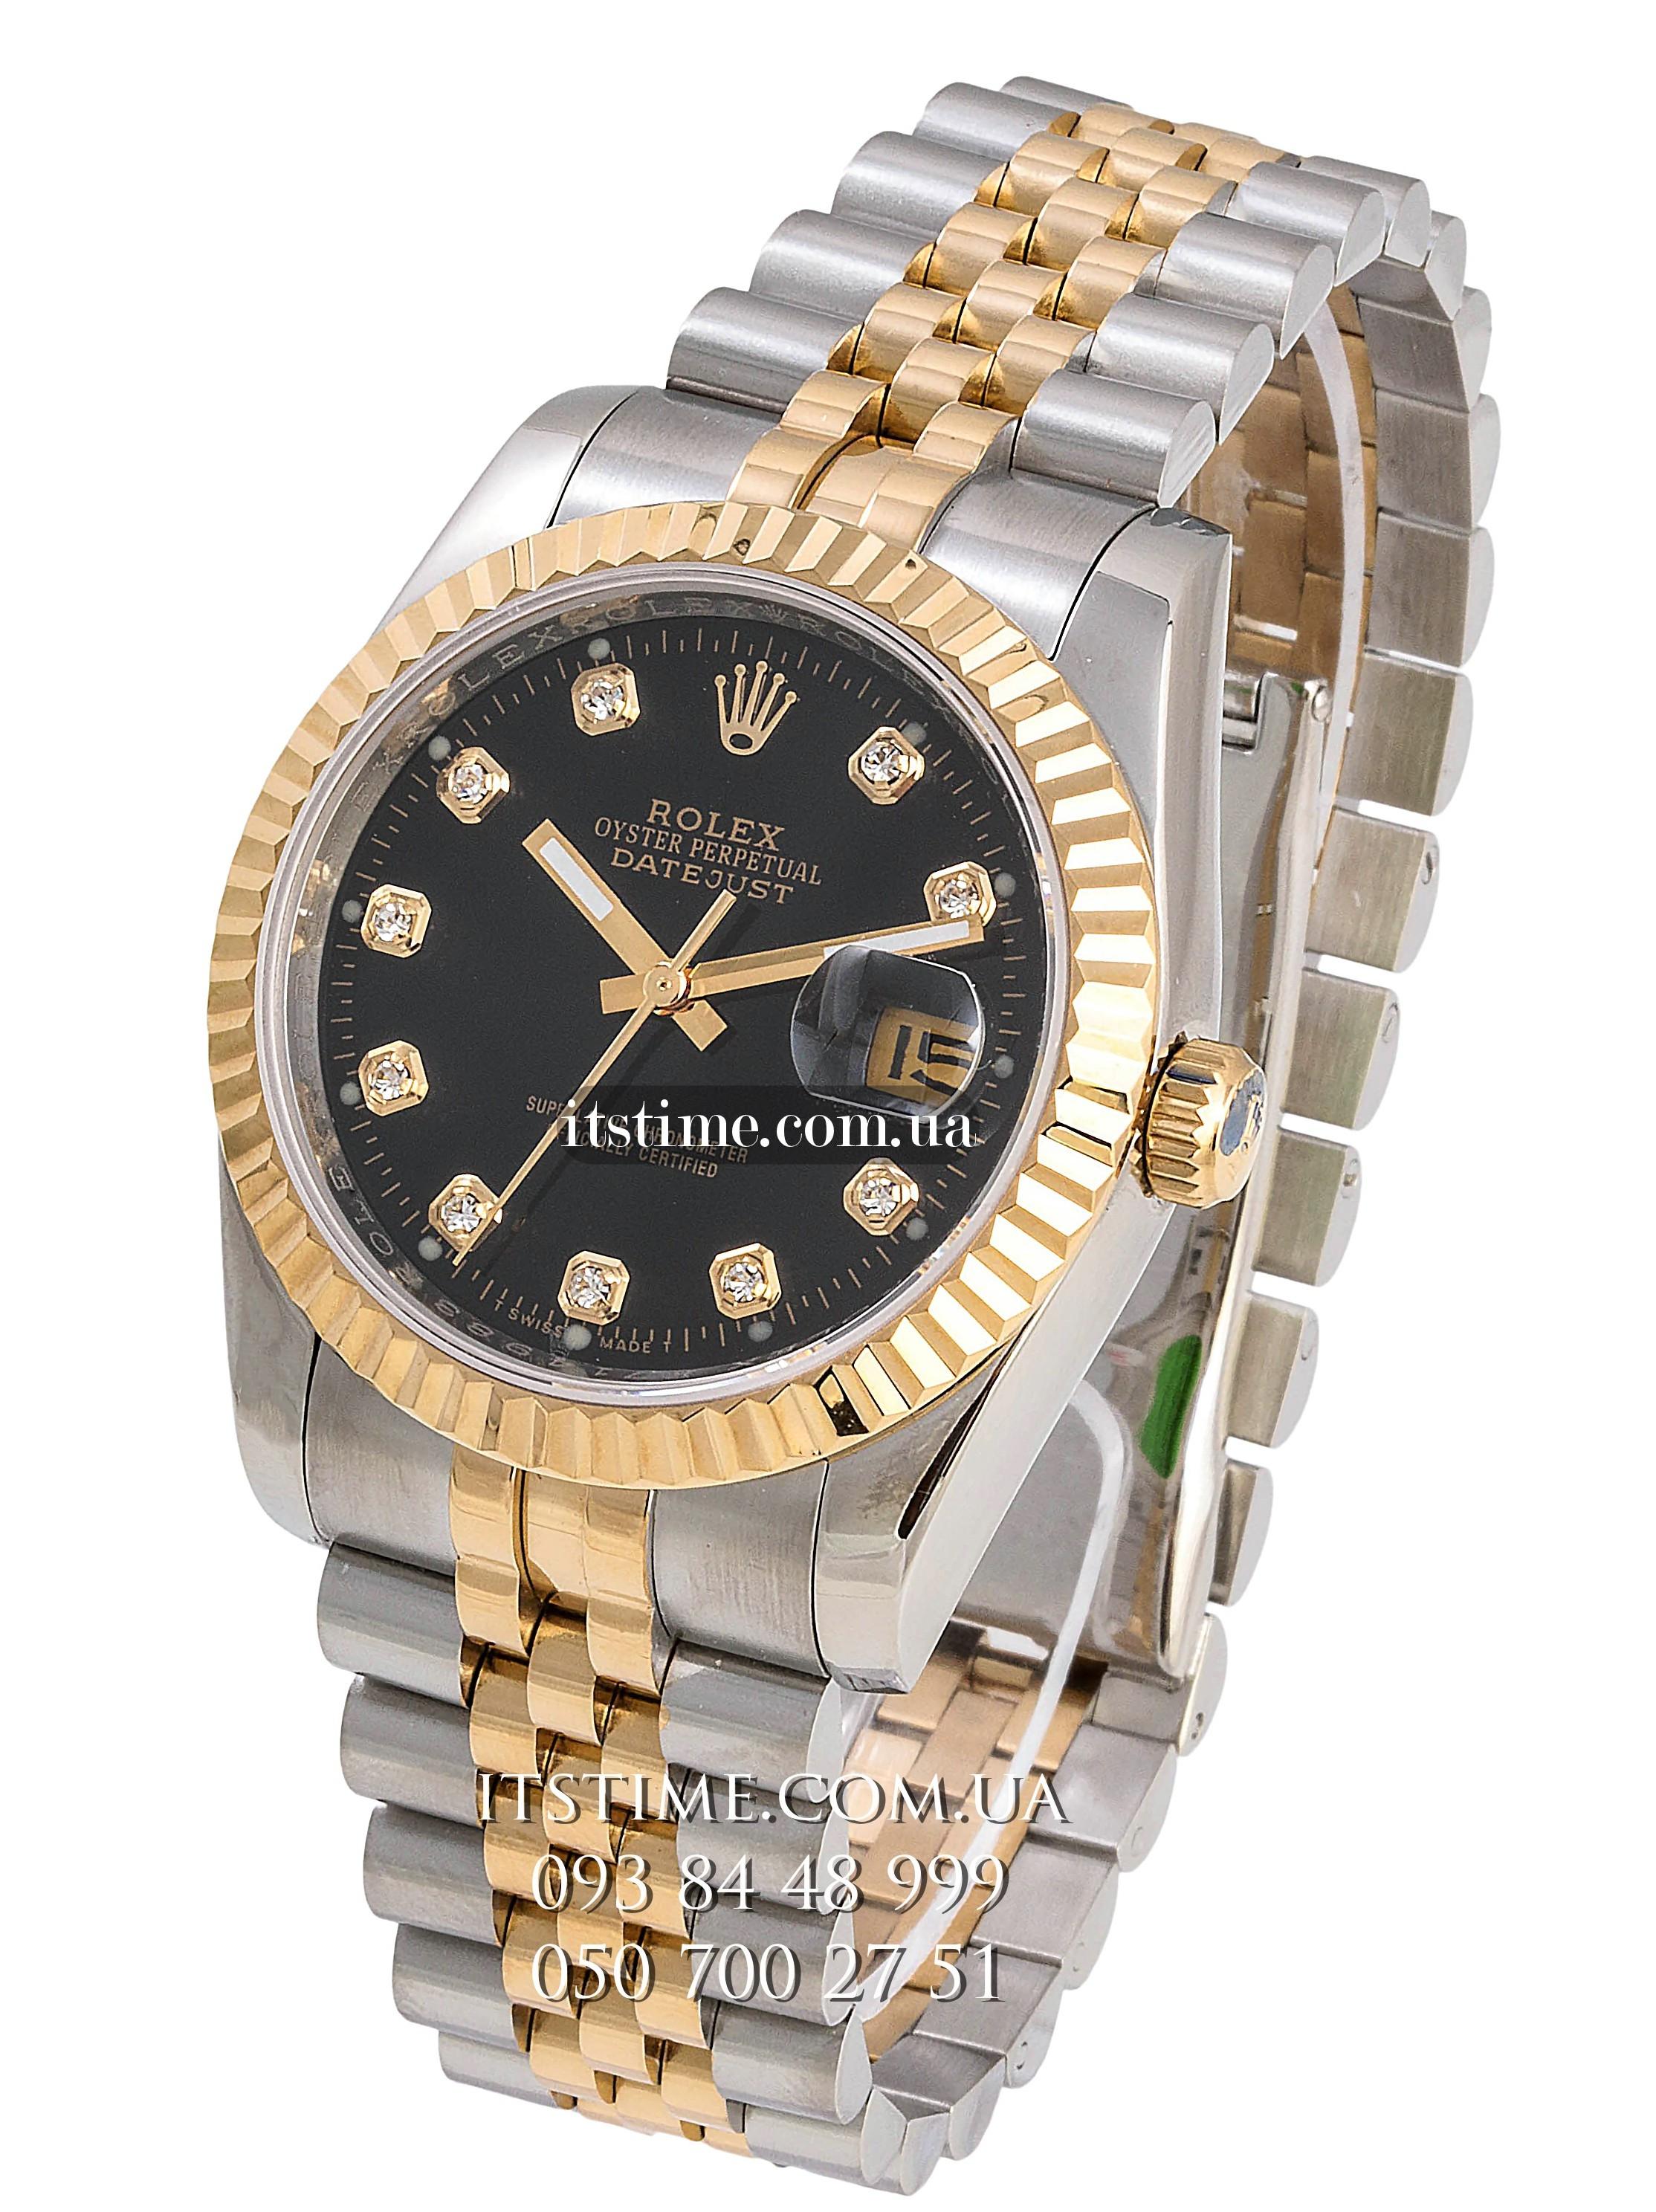 Купить копии часов rolex с ярким дизайном и идентичными по цвету украшениями.